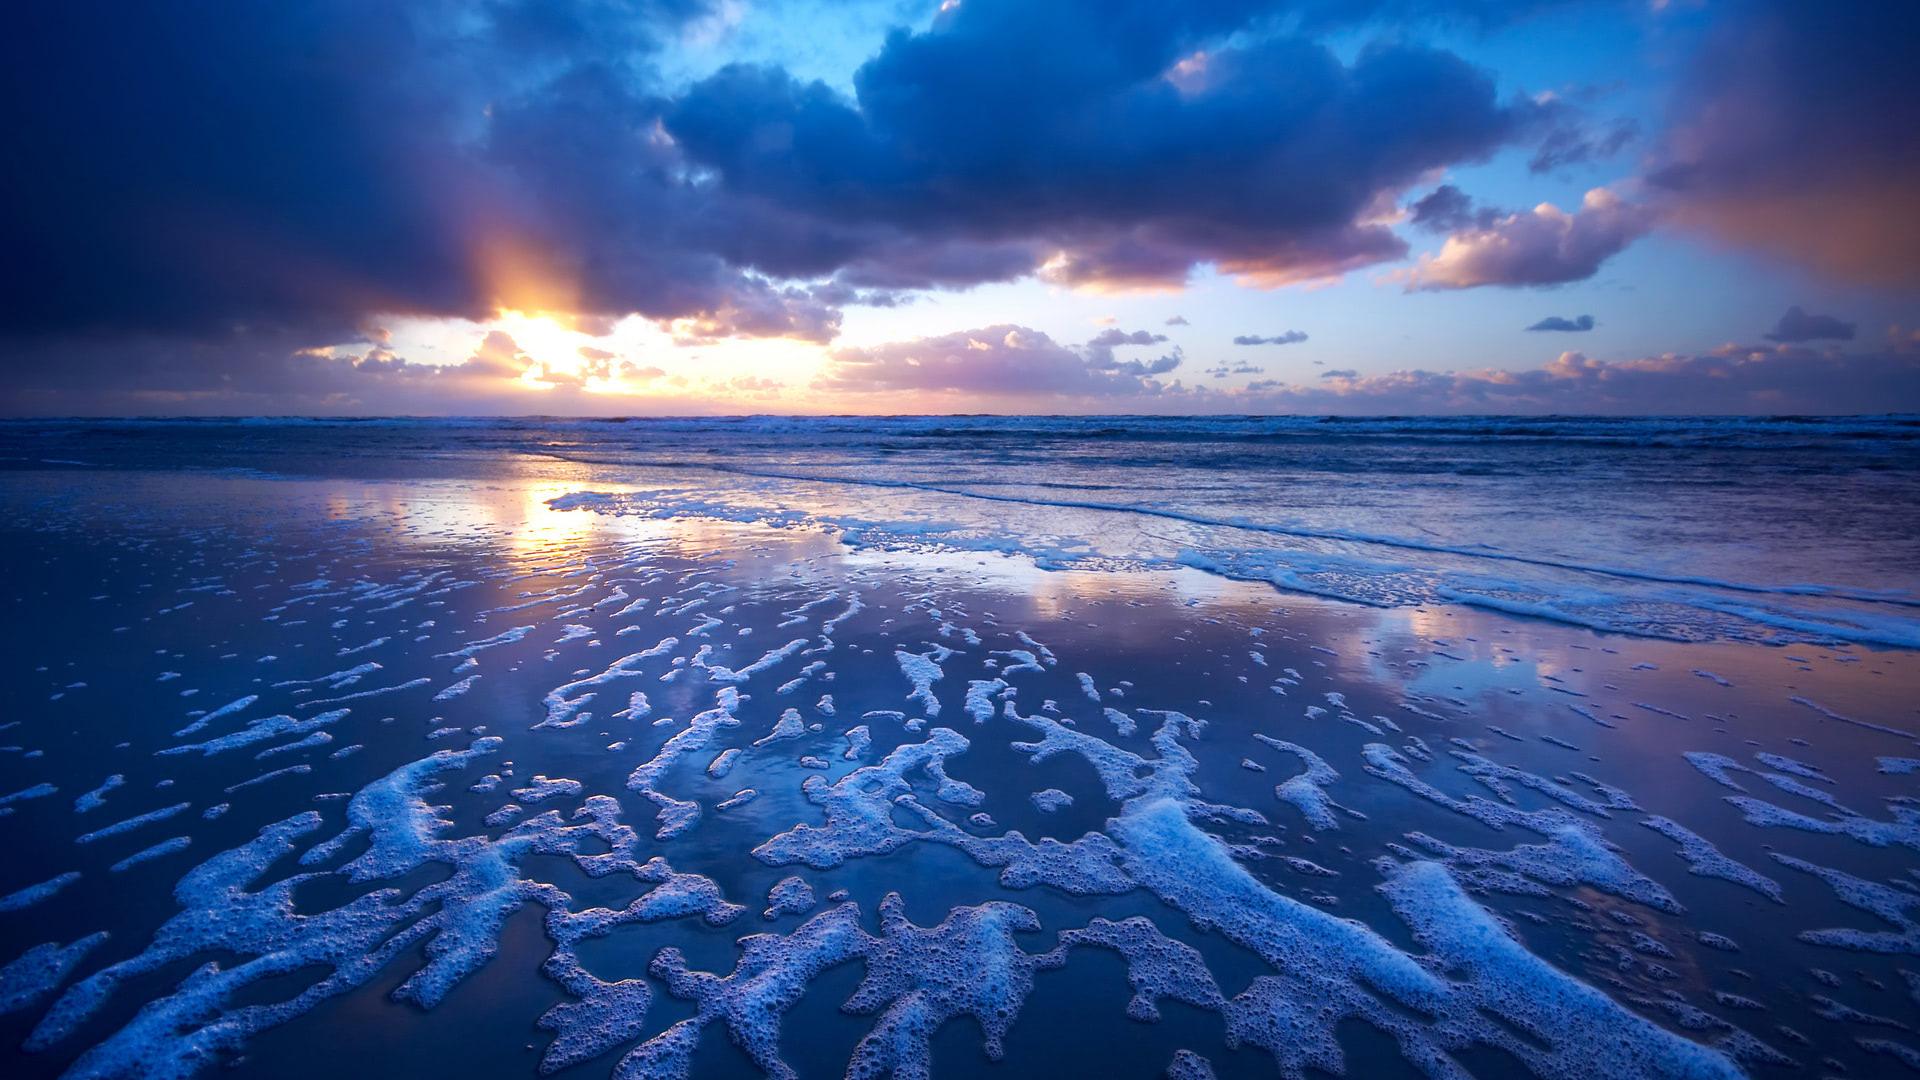 Sunset Waves Wallpaper